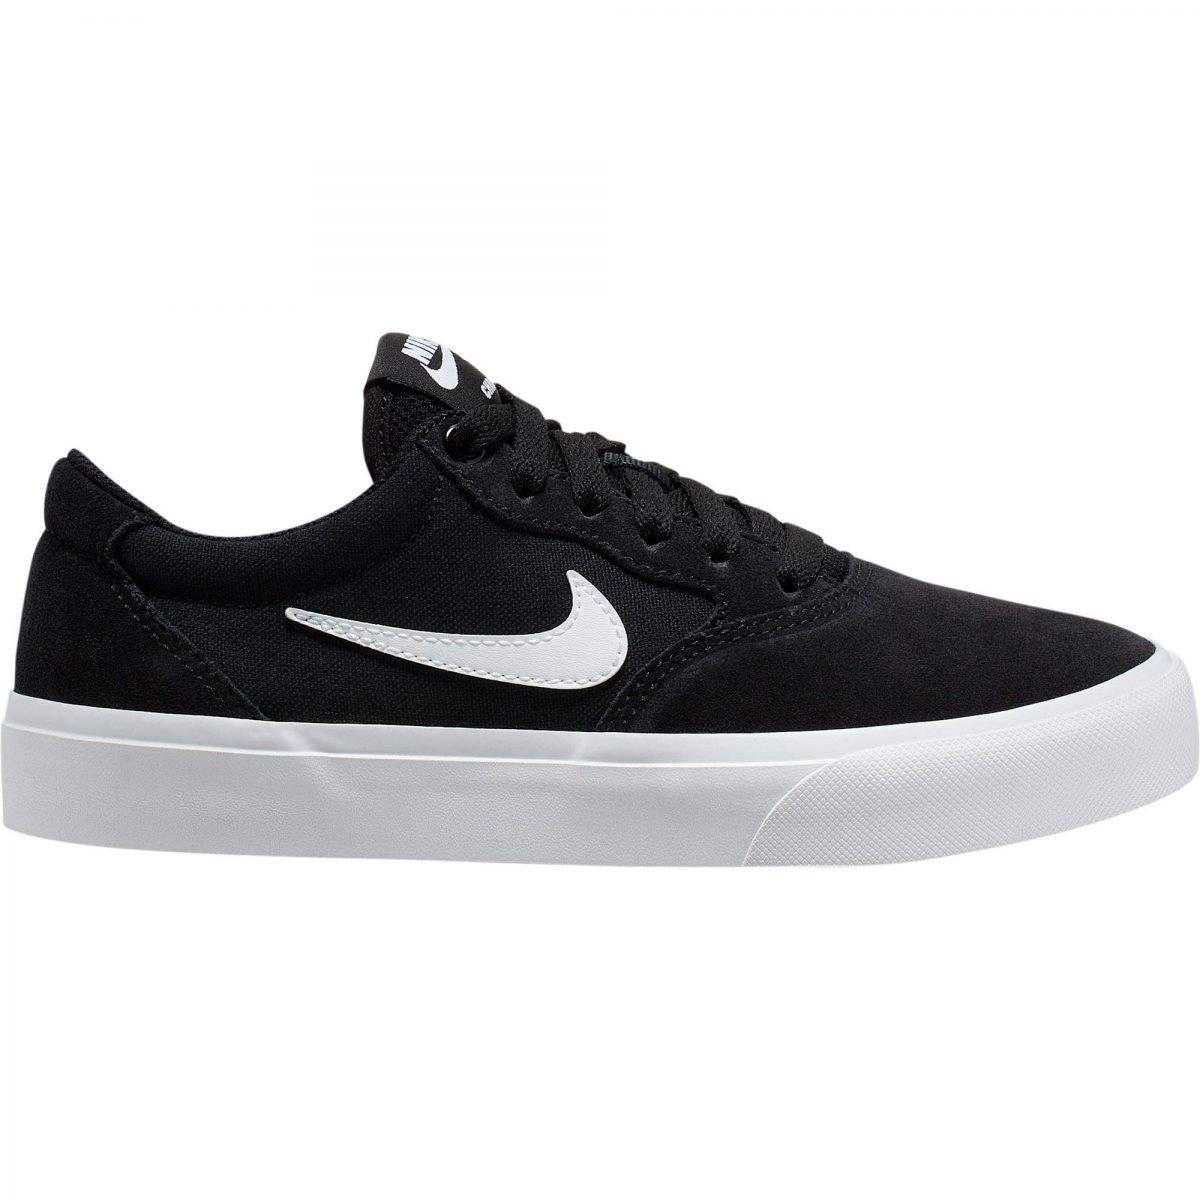 Nike SB Damen Sneaker Chron